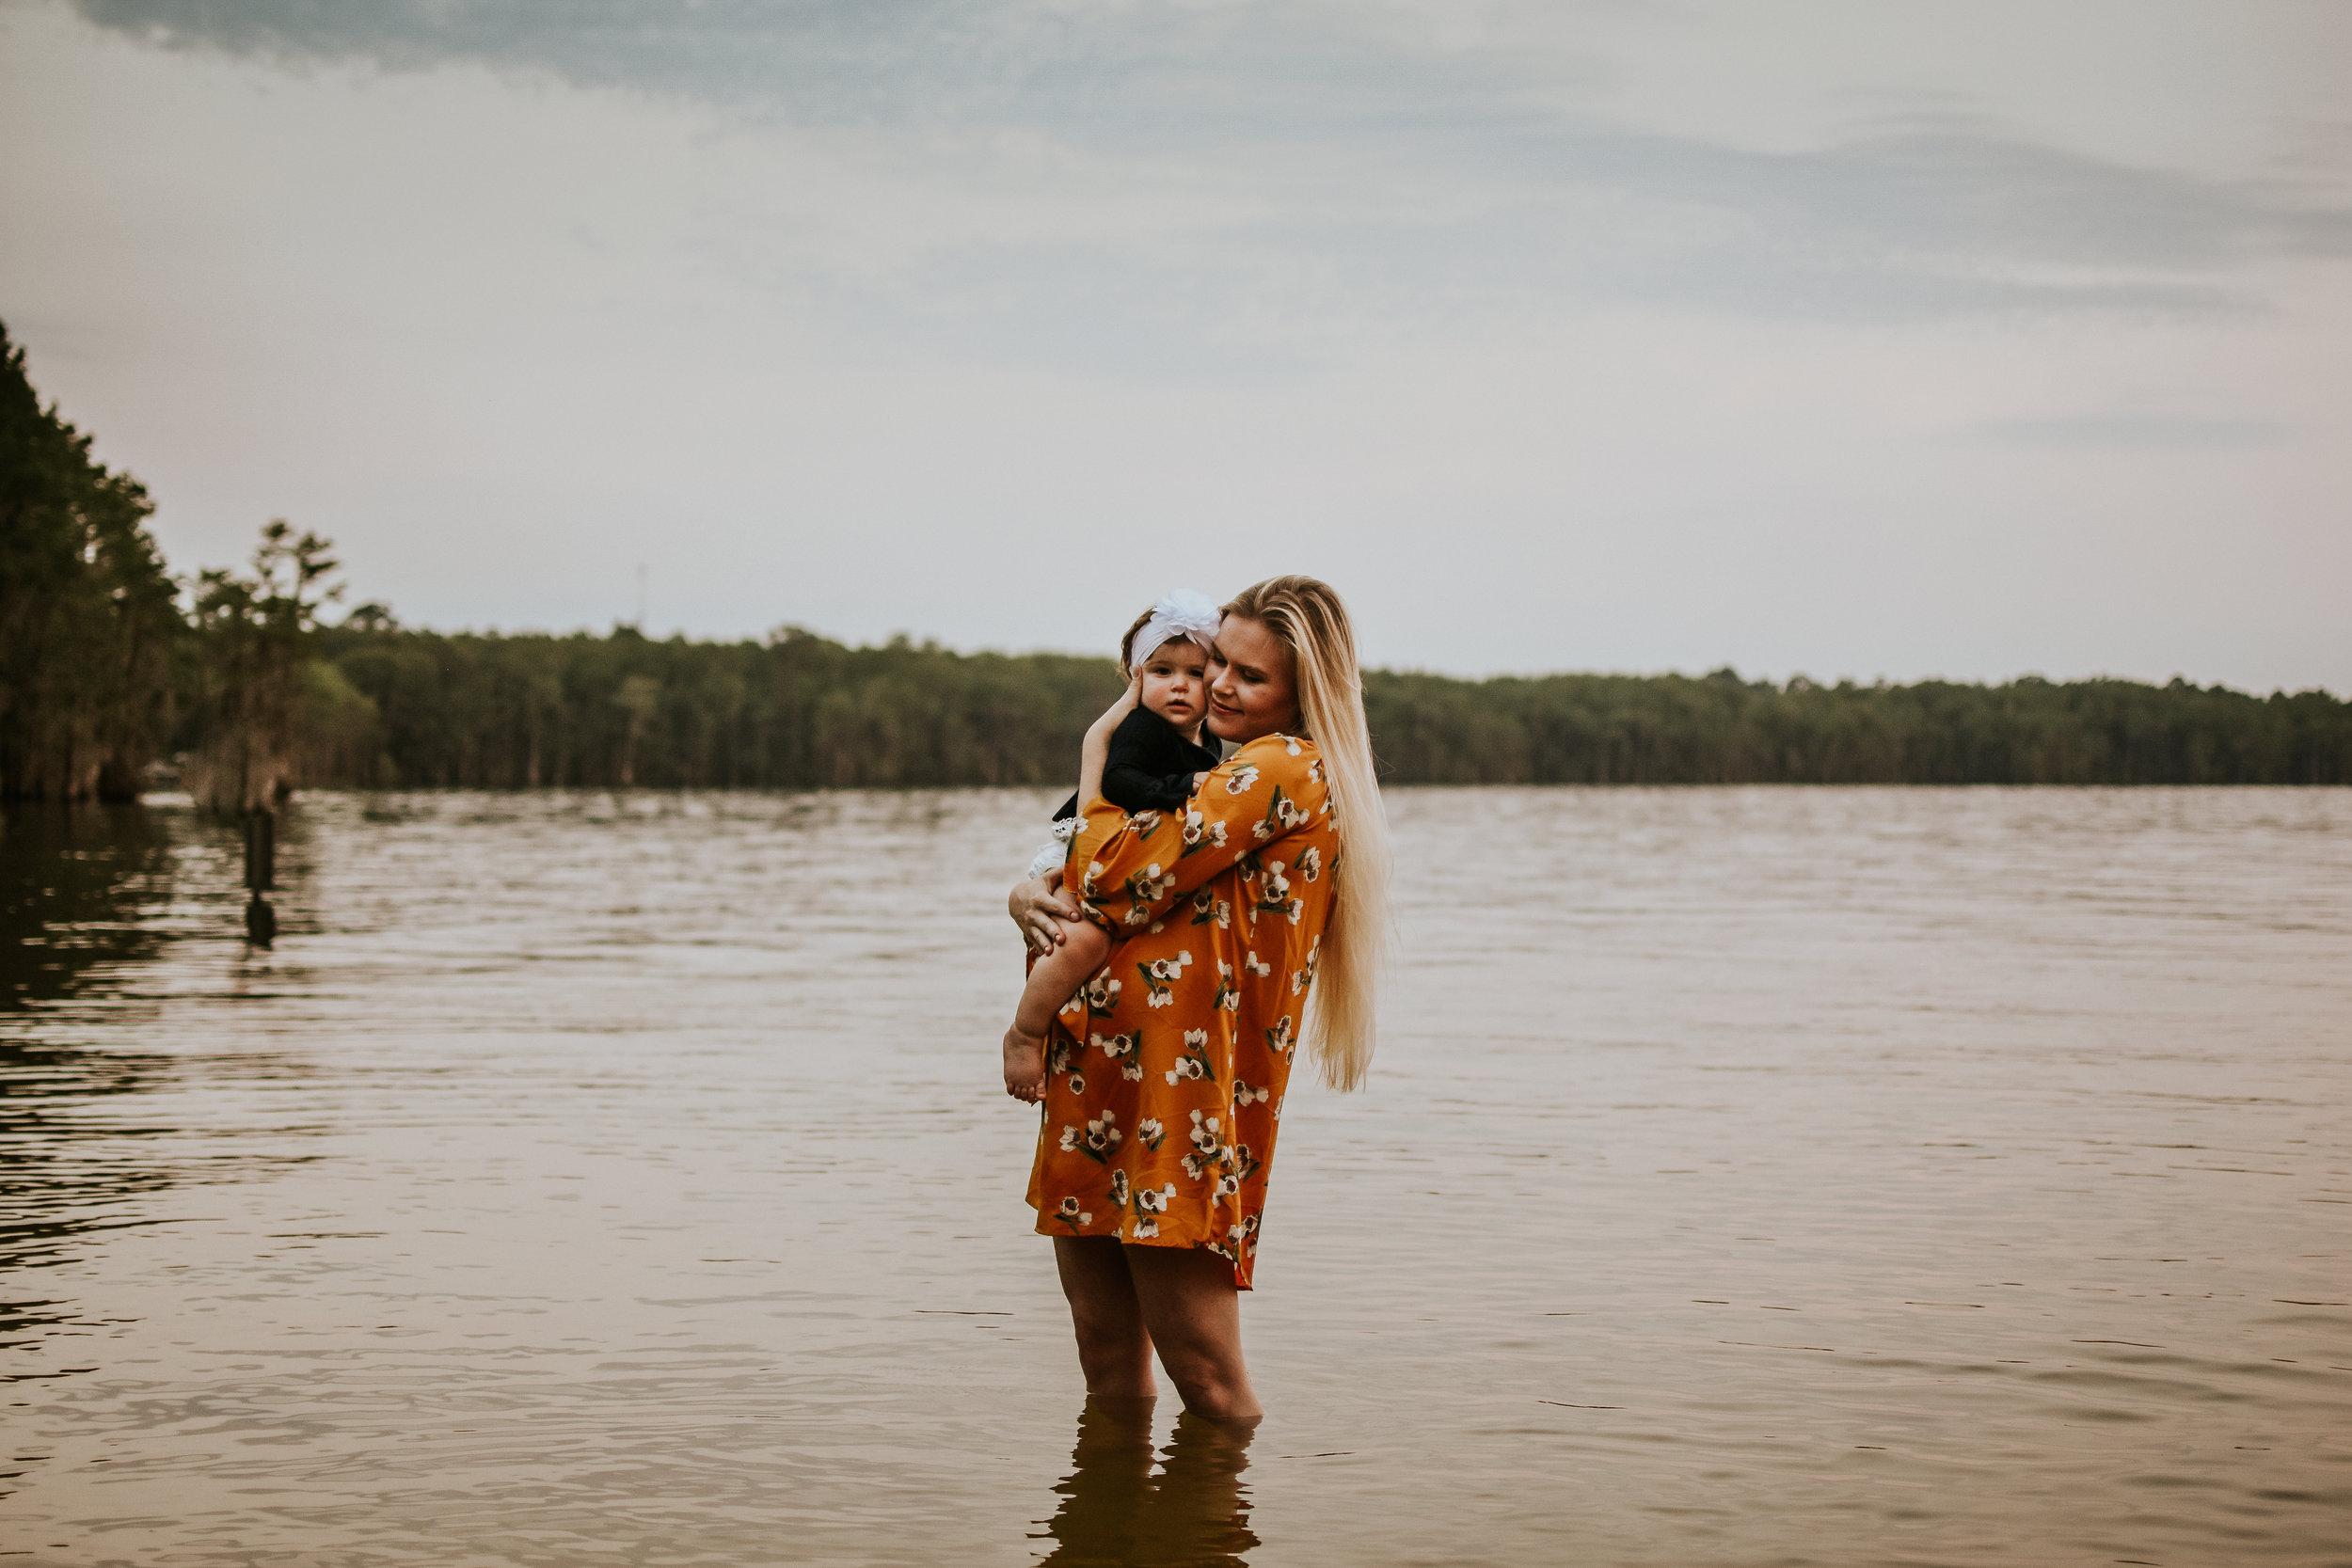 CrestviewFloridaLifestylePhotographer-MommyandMeSession-LakeJackson-FloralaAlabama-70.jpg